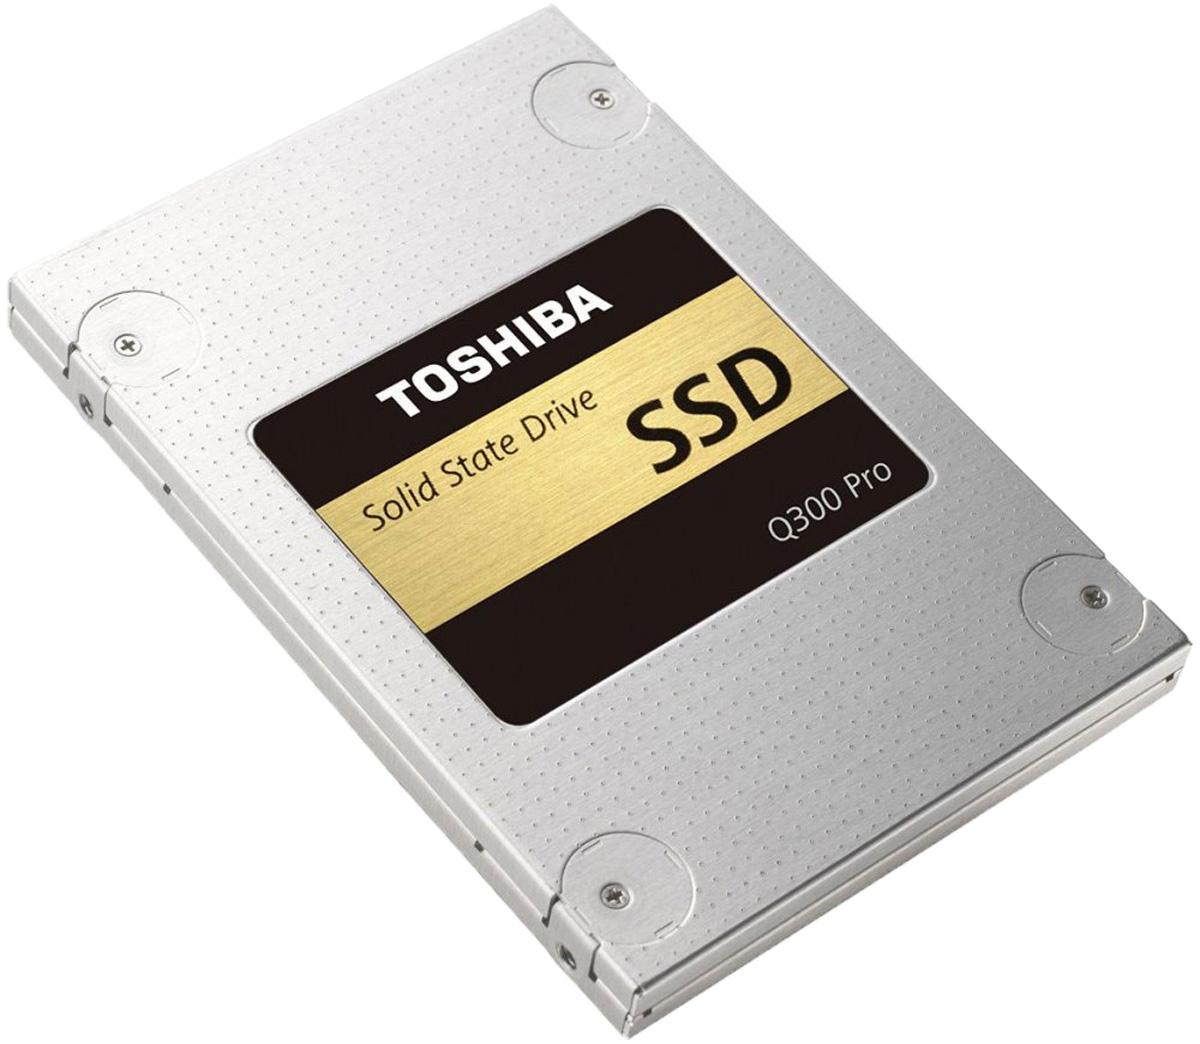 Toshiba Q300 Pro 512GB SSD-накопитель (HDTSA51EZSTA)HDTSA51EZSTAХотите повысить производительность своего компьютера? Для твердотельного накопителя Toshiba Q300 Pro ограничений скорости просто не существует. Вы хотите добиться максимальной производительности в играх, быстрой загрузки системы и прироста скорости при редактировании видео и фотографий? Тогда SSD Toshiba с двухуровневыми ячейками - это ваш выбор. При этом высокая скорость работы не означает, что ваша система станет потреблять больше электроэнергии. В отличие от традиционных жестких дисков у твердотельных накопителей нет механических частей, поэтому они работают бесшумно и отличаются более высокой прочностью. Компания Toshiba всемирно известна качеством и надёжностью своей продукции, поэтому вашим данным абсолютно ничего не угрожает.Благодаря флэш-памяти Toshiba премиум-класса, высокой производительности и надёжности твердотельный накопитель Q300 Pro может разогнать потенциал любого ноутбука или ПК до максимума.В твердотельном накопителе Q300 Pro используется скоростная и надёжная флэш-память с двухуровневыми ячейками. Благодаря адаптивной технологии SLC-кеширования накопитель может работать как диск с одноуровневыми ячейками, что повышает скорость реагирования системы. При этом вы сохраняете все преимущества высокой плотности записи накопителей с двухуровневыми ячейками.Скорость - это прекрасно, но скорость и долговечность ещё лучше. Именно поэтому Toshiba заложила в Q300 Pro максимальный запас прочности. Безопасность ваших данных - самая важная задача для Toshiba. В накопителе Q300 Pro используется технология коррекции ошибок Quadruple Swing-By Code (QSBC), которая позволяет обнаруживать и исправлять ошибки непосредственно в процессе работы. Уникальное сочетание технологий QSBC и patrol read, которая непрерывно проверяет данные на появление ошибок, позволяет сохранить максимальный уровень целостности информации.Технология Zeroing Trim заранее удаляет ненужные сохранённые на накопителе данные, что позво